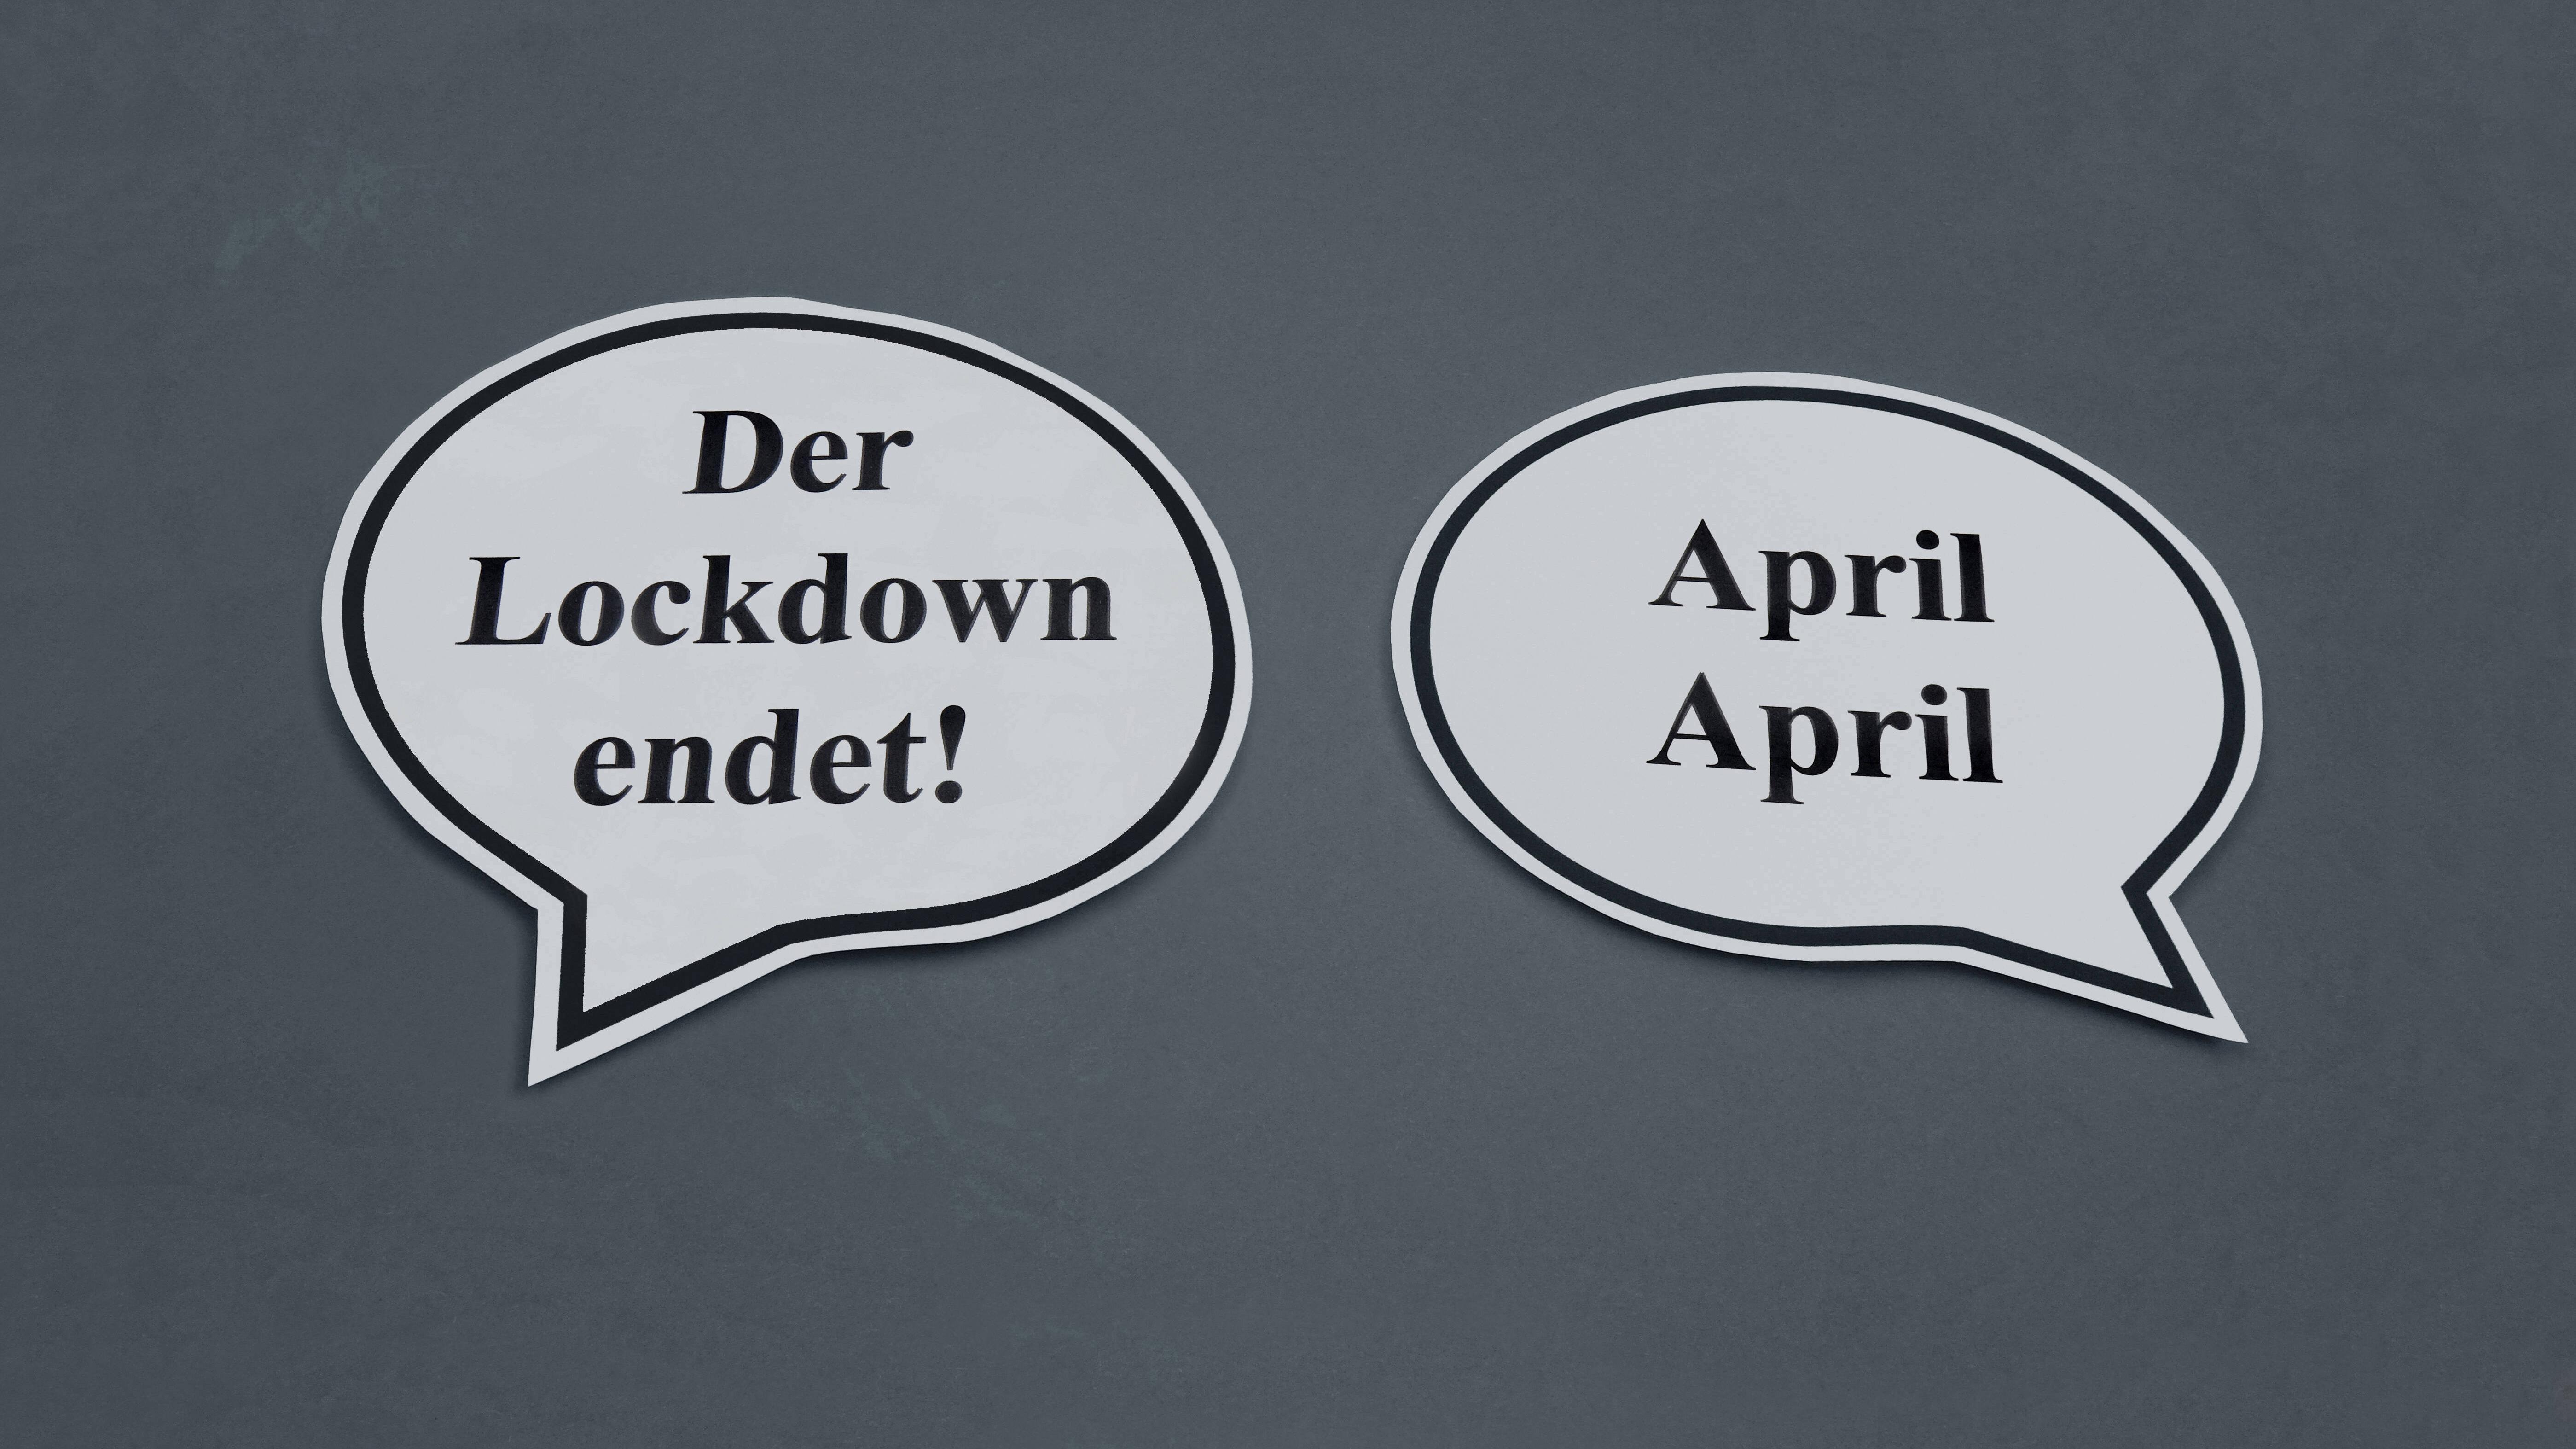 Trotz Lockdown Spaß haben und jemanden in den April schicken.